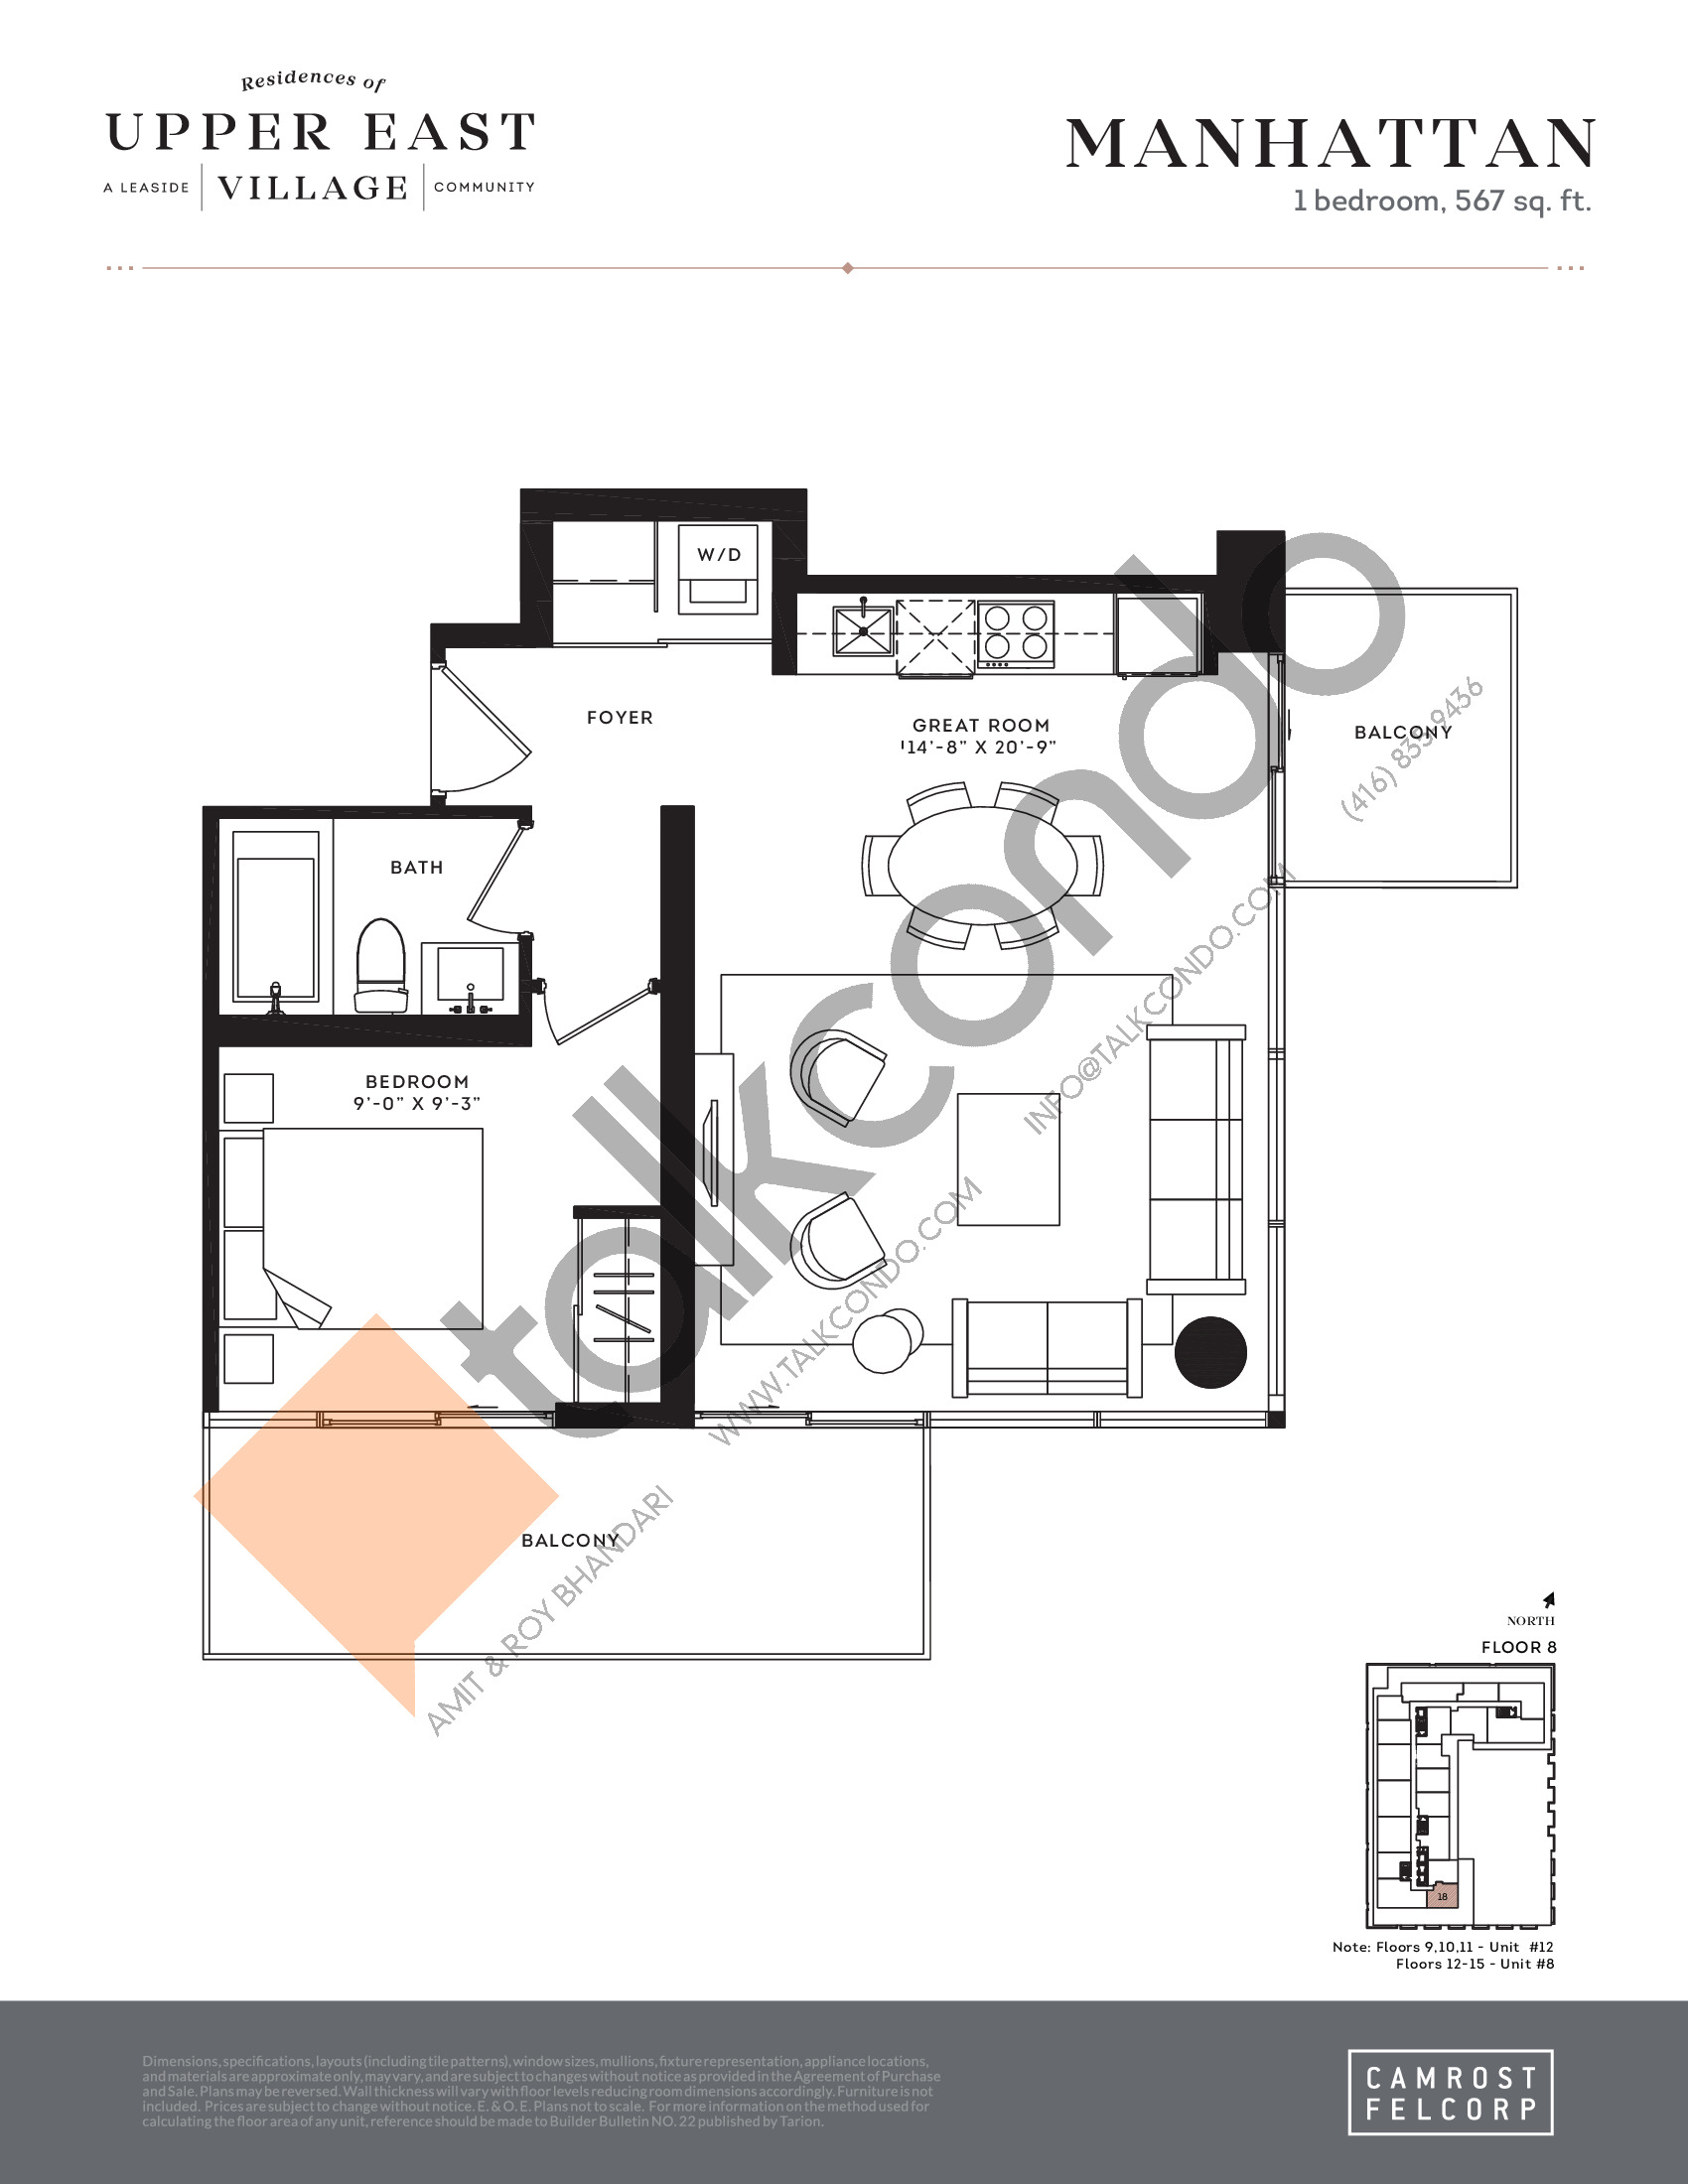 Manhattan Floor Plan at Upper East Village Condos - 567 sq.ft